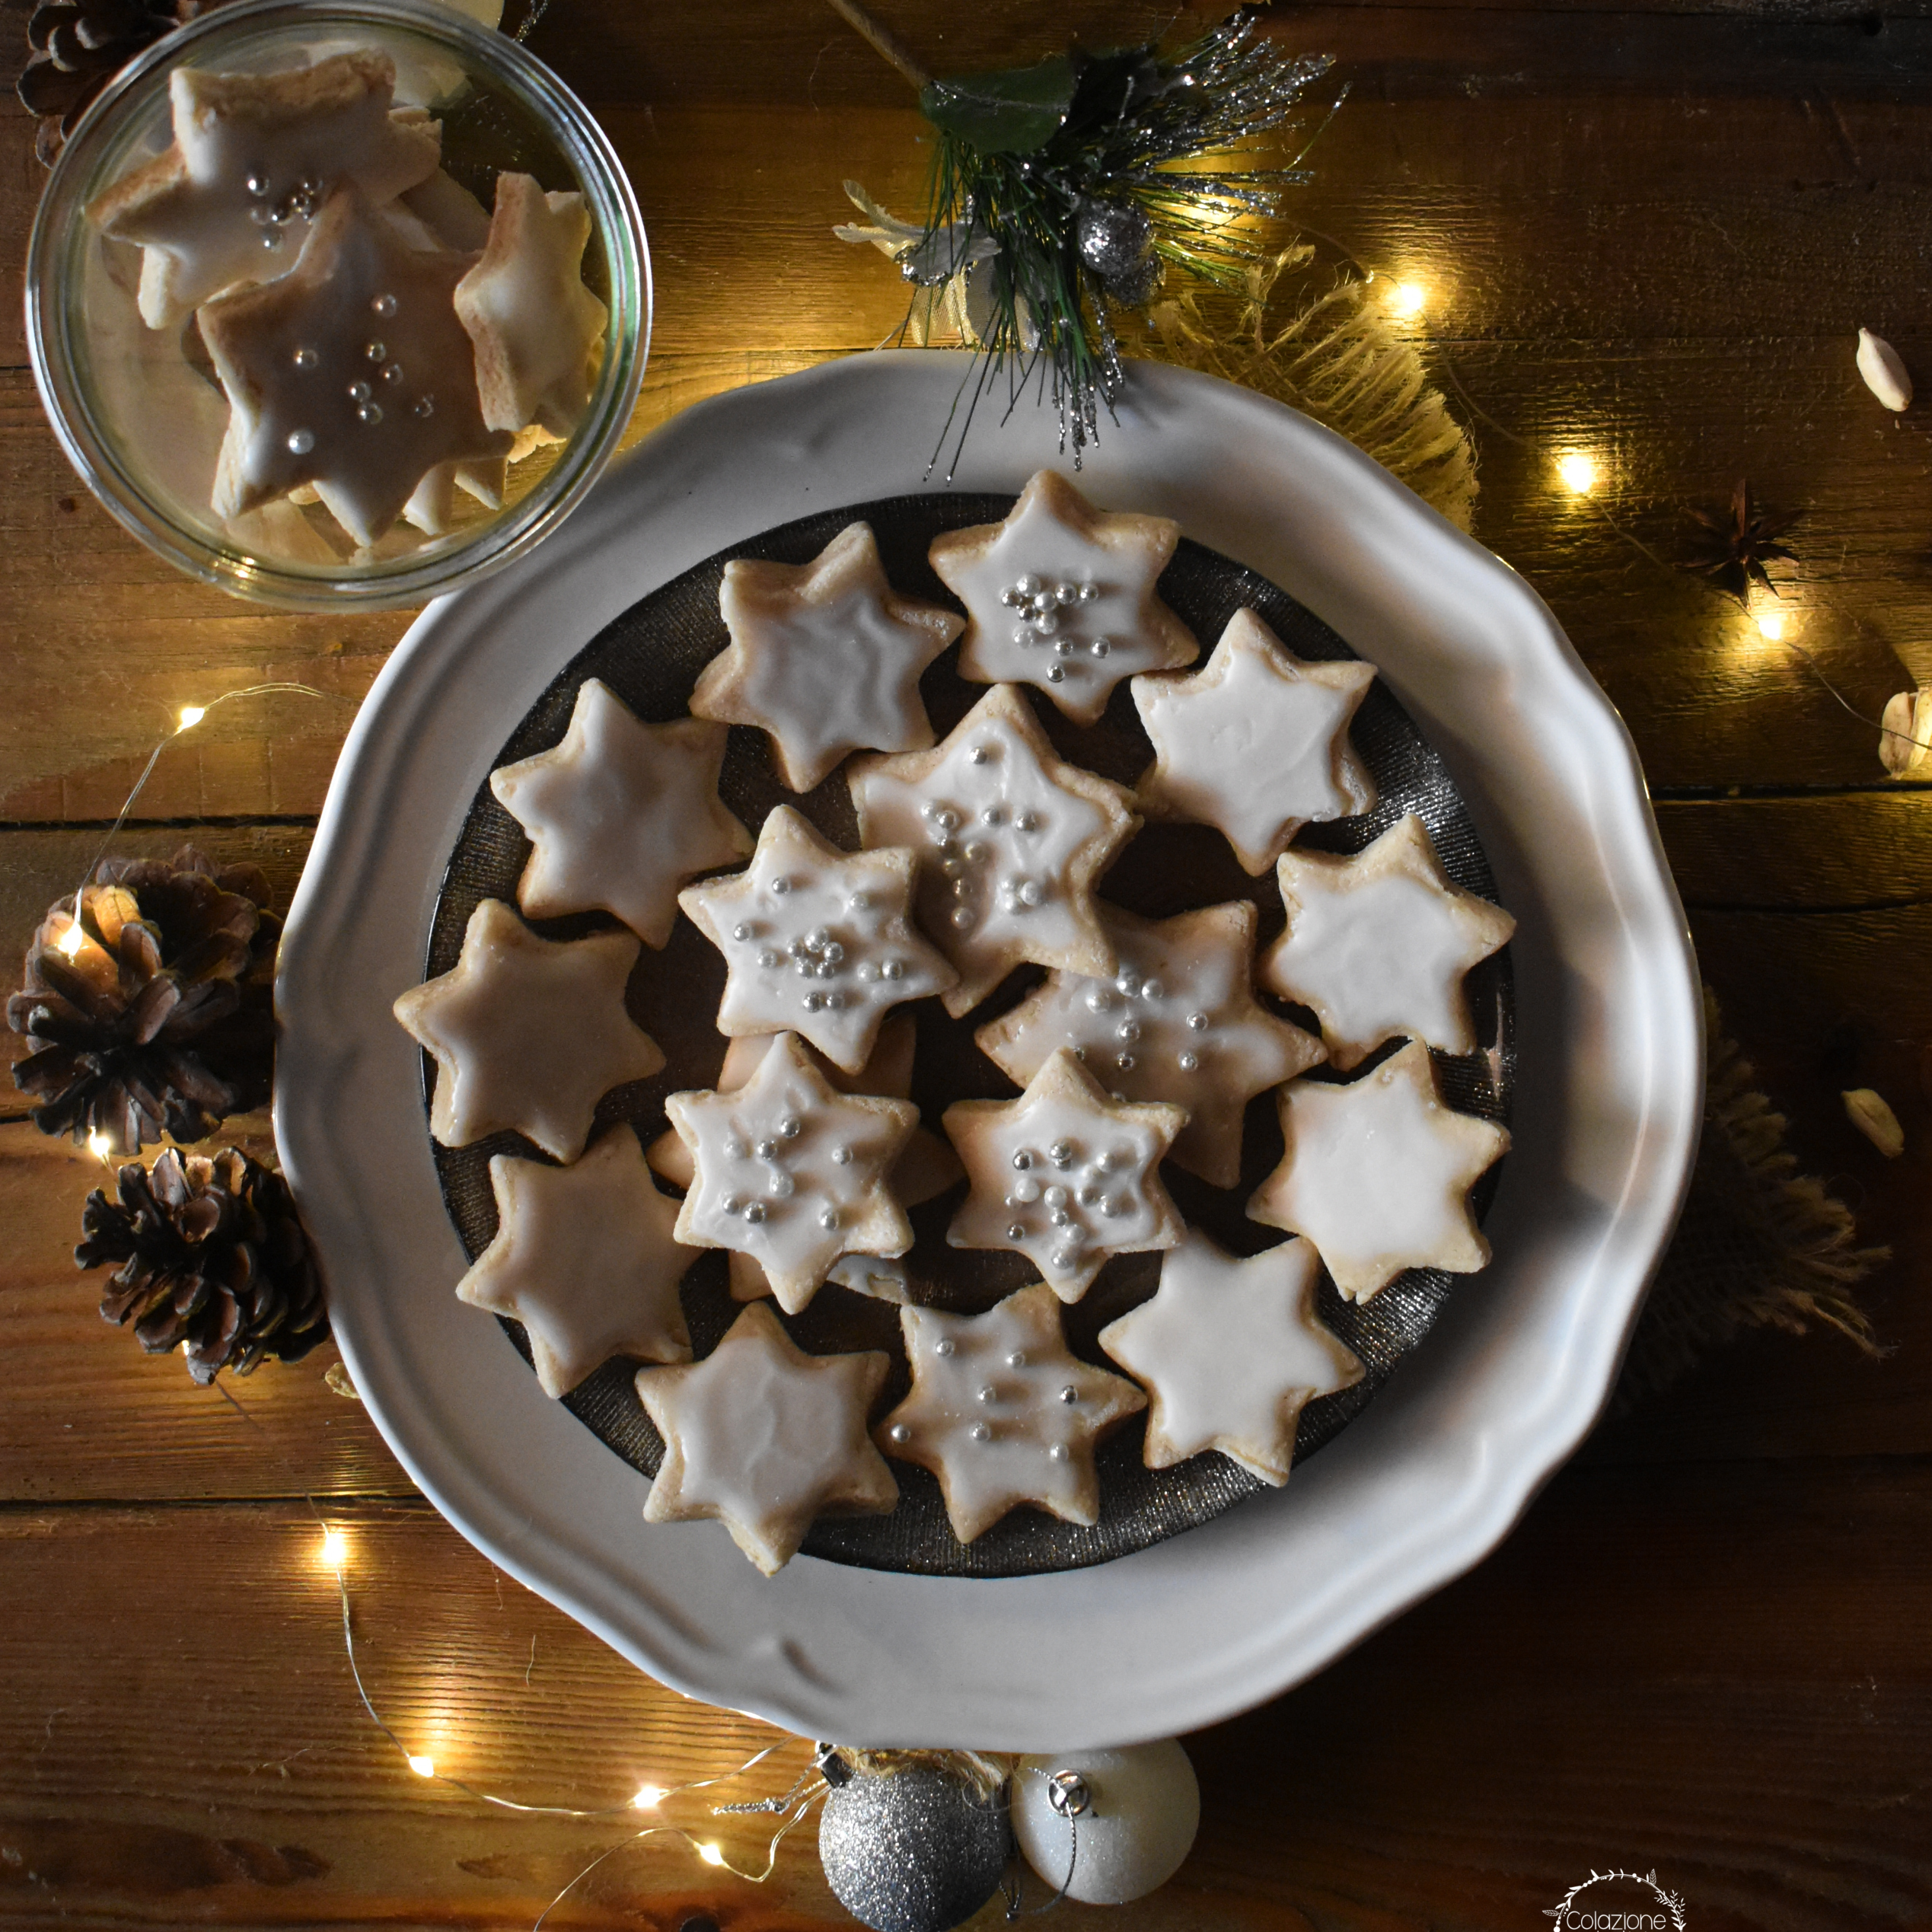 Biscotti Di Natale Zimtsterne.Stelline Di Marzapane Alla Cannella Zimtsterne Colazione Da Tizi